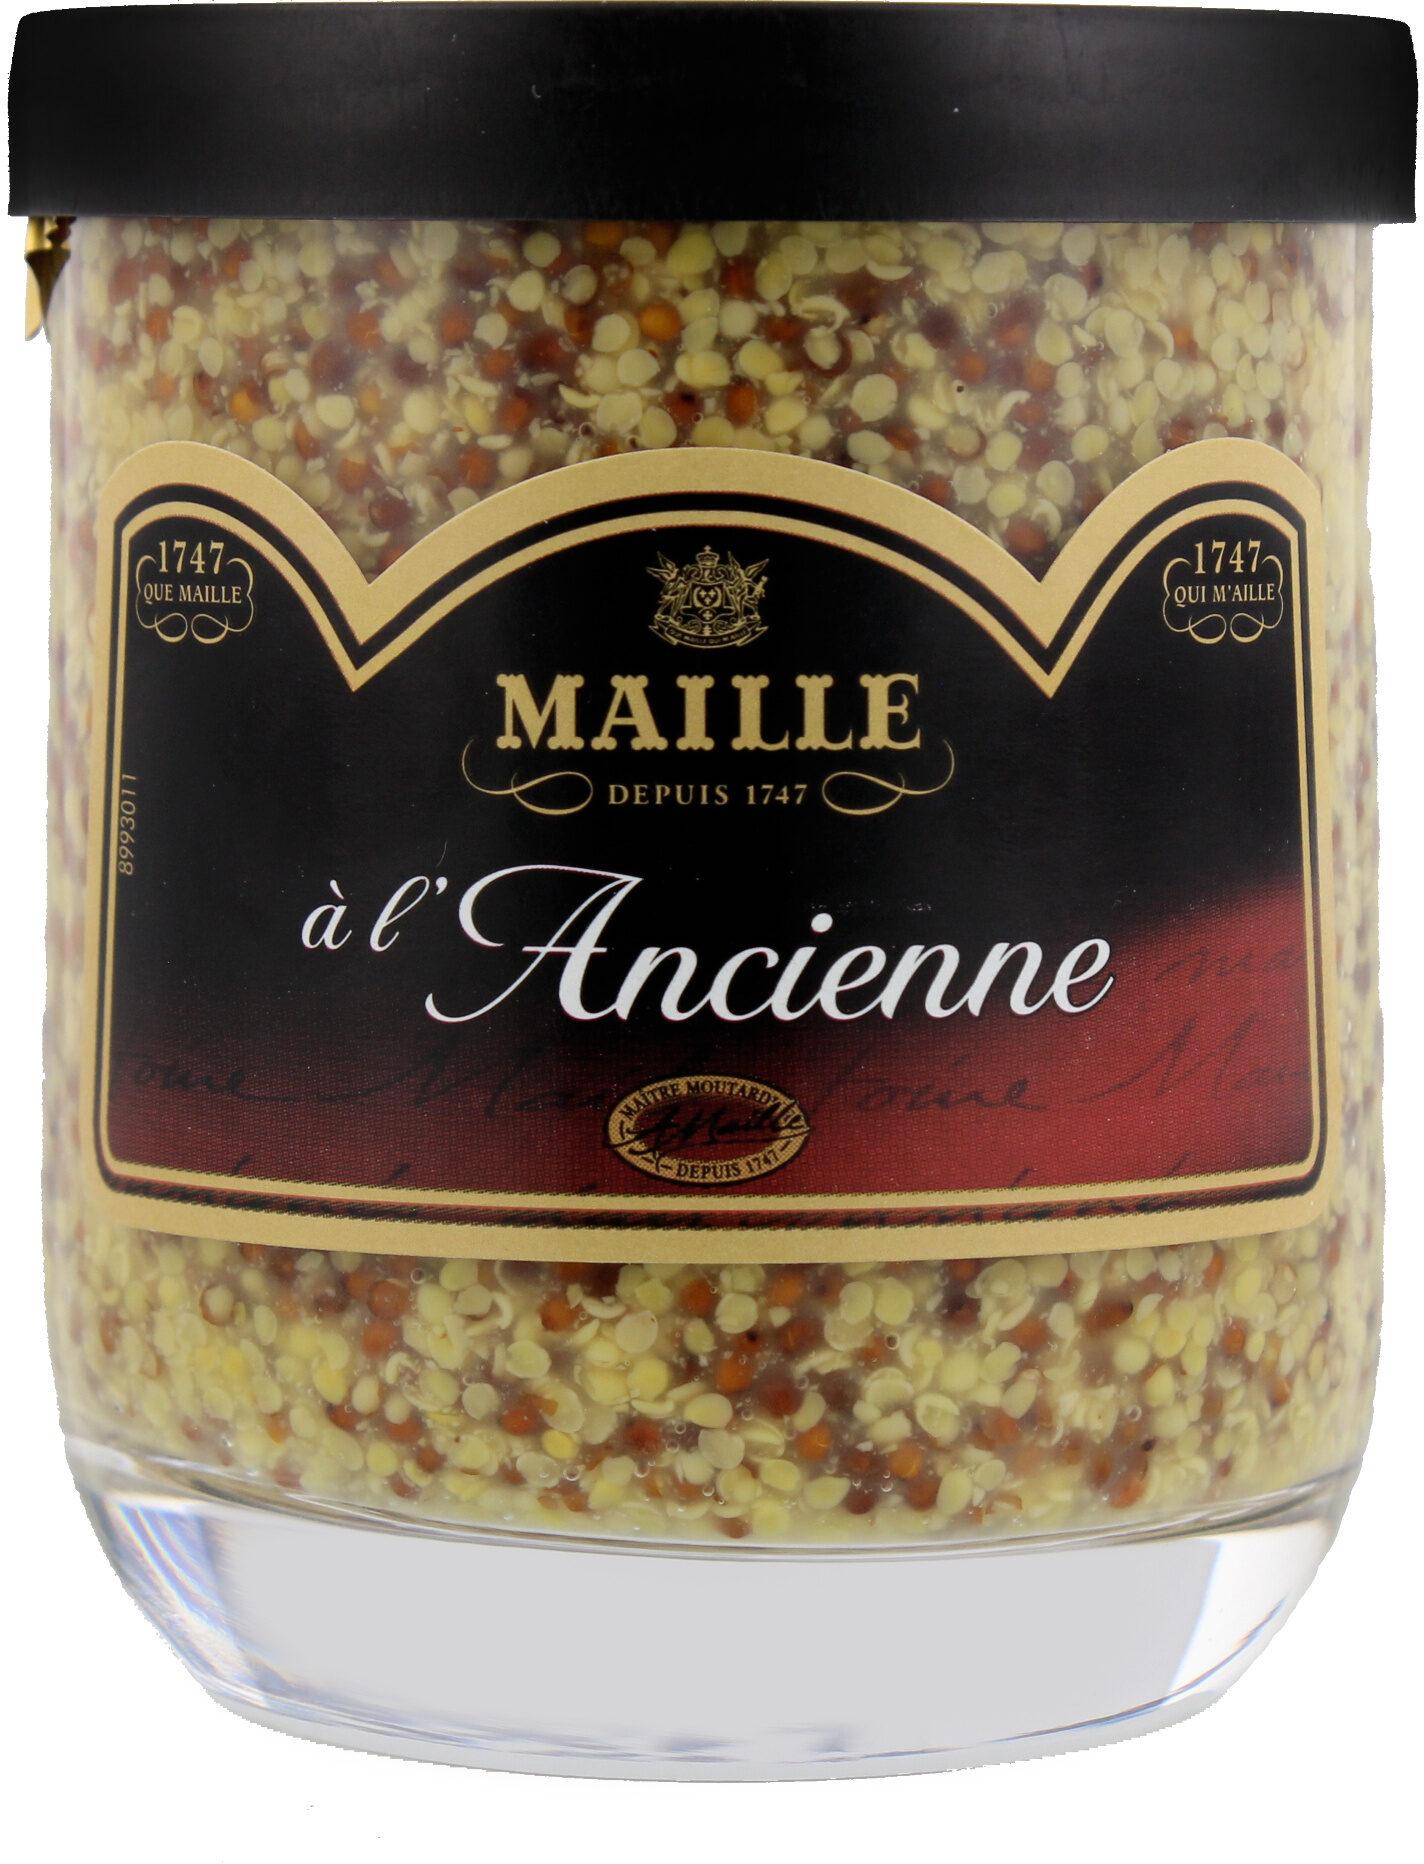 Maille Moutarde à l'Ancienne Verrine 160g - Produit